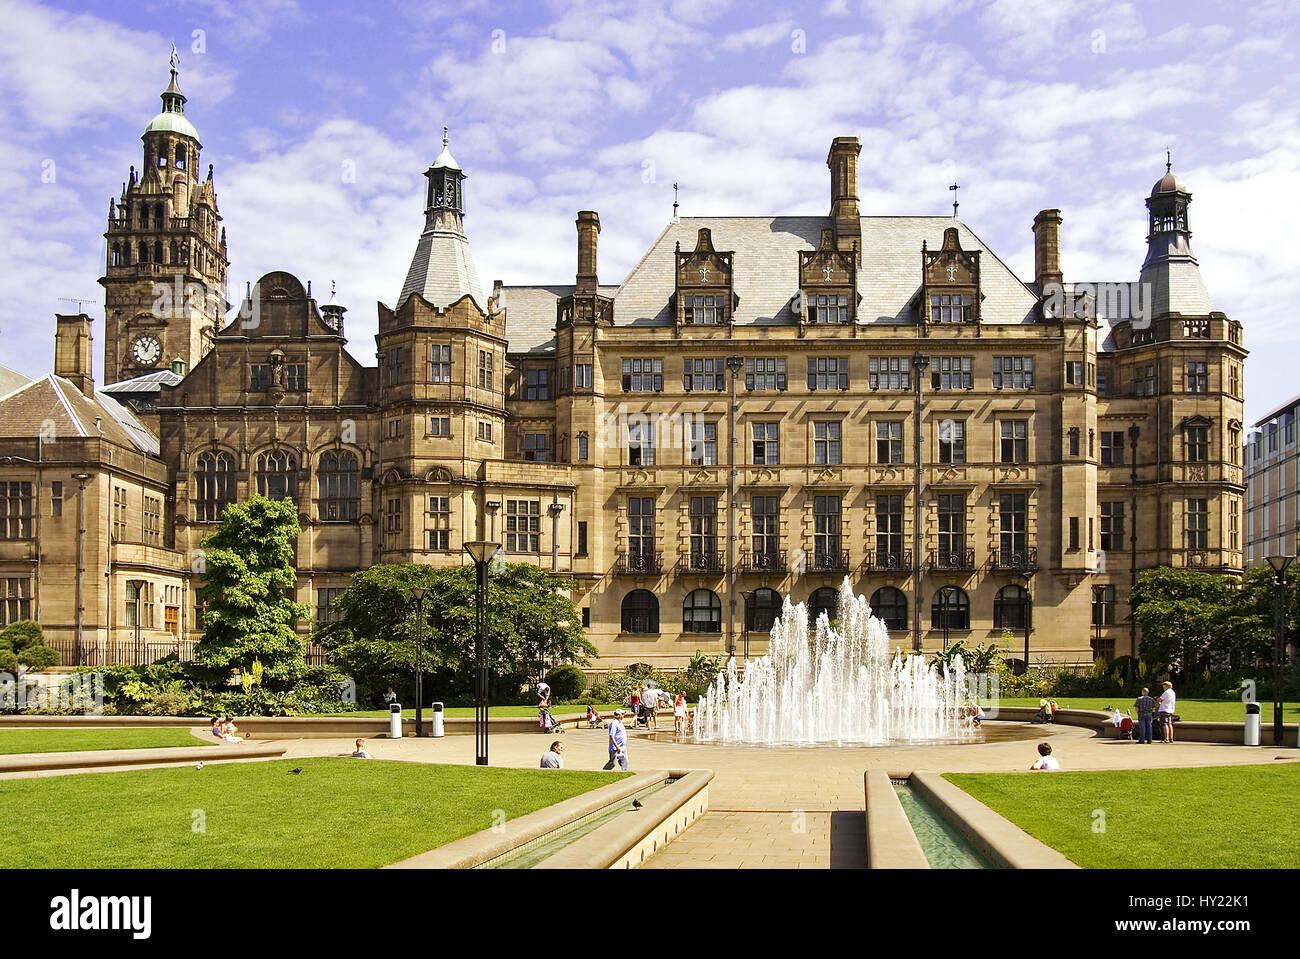 Das Rathaus, die Sheffield Town Hall in Mittelengland. - Stock Image